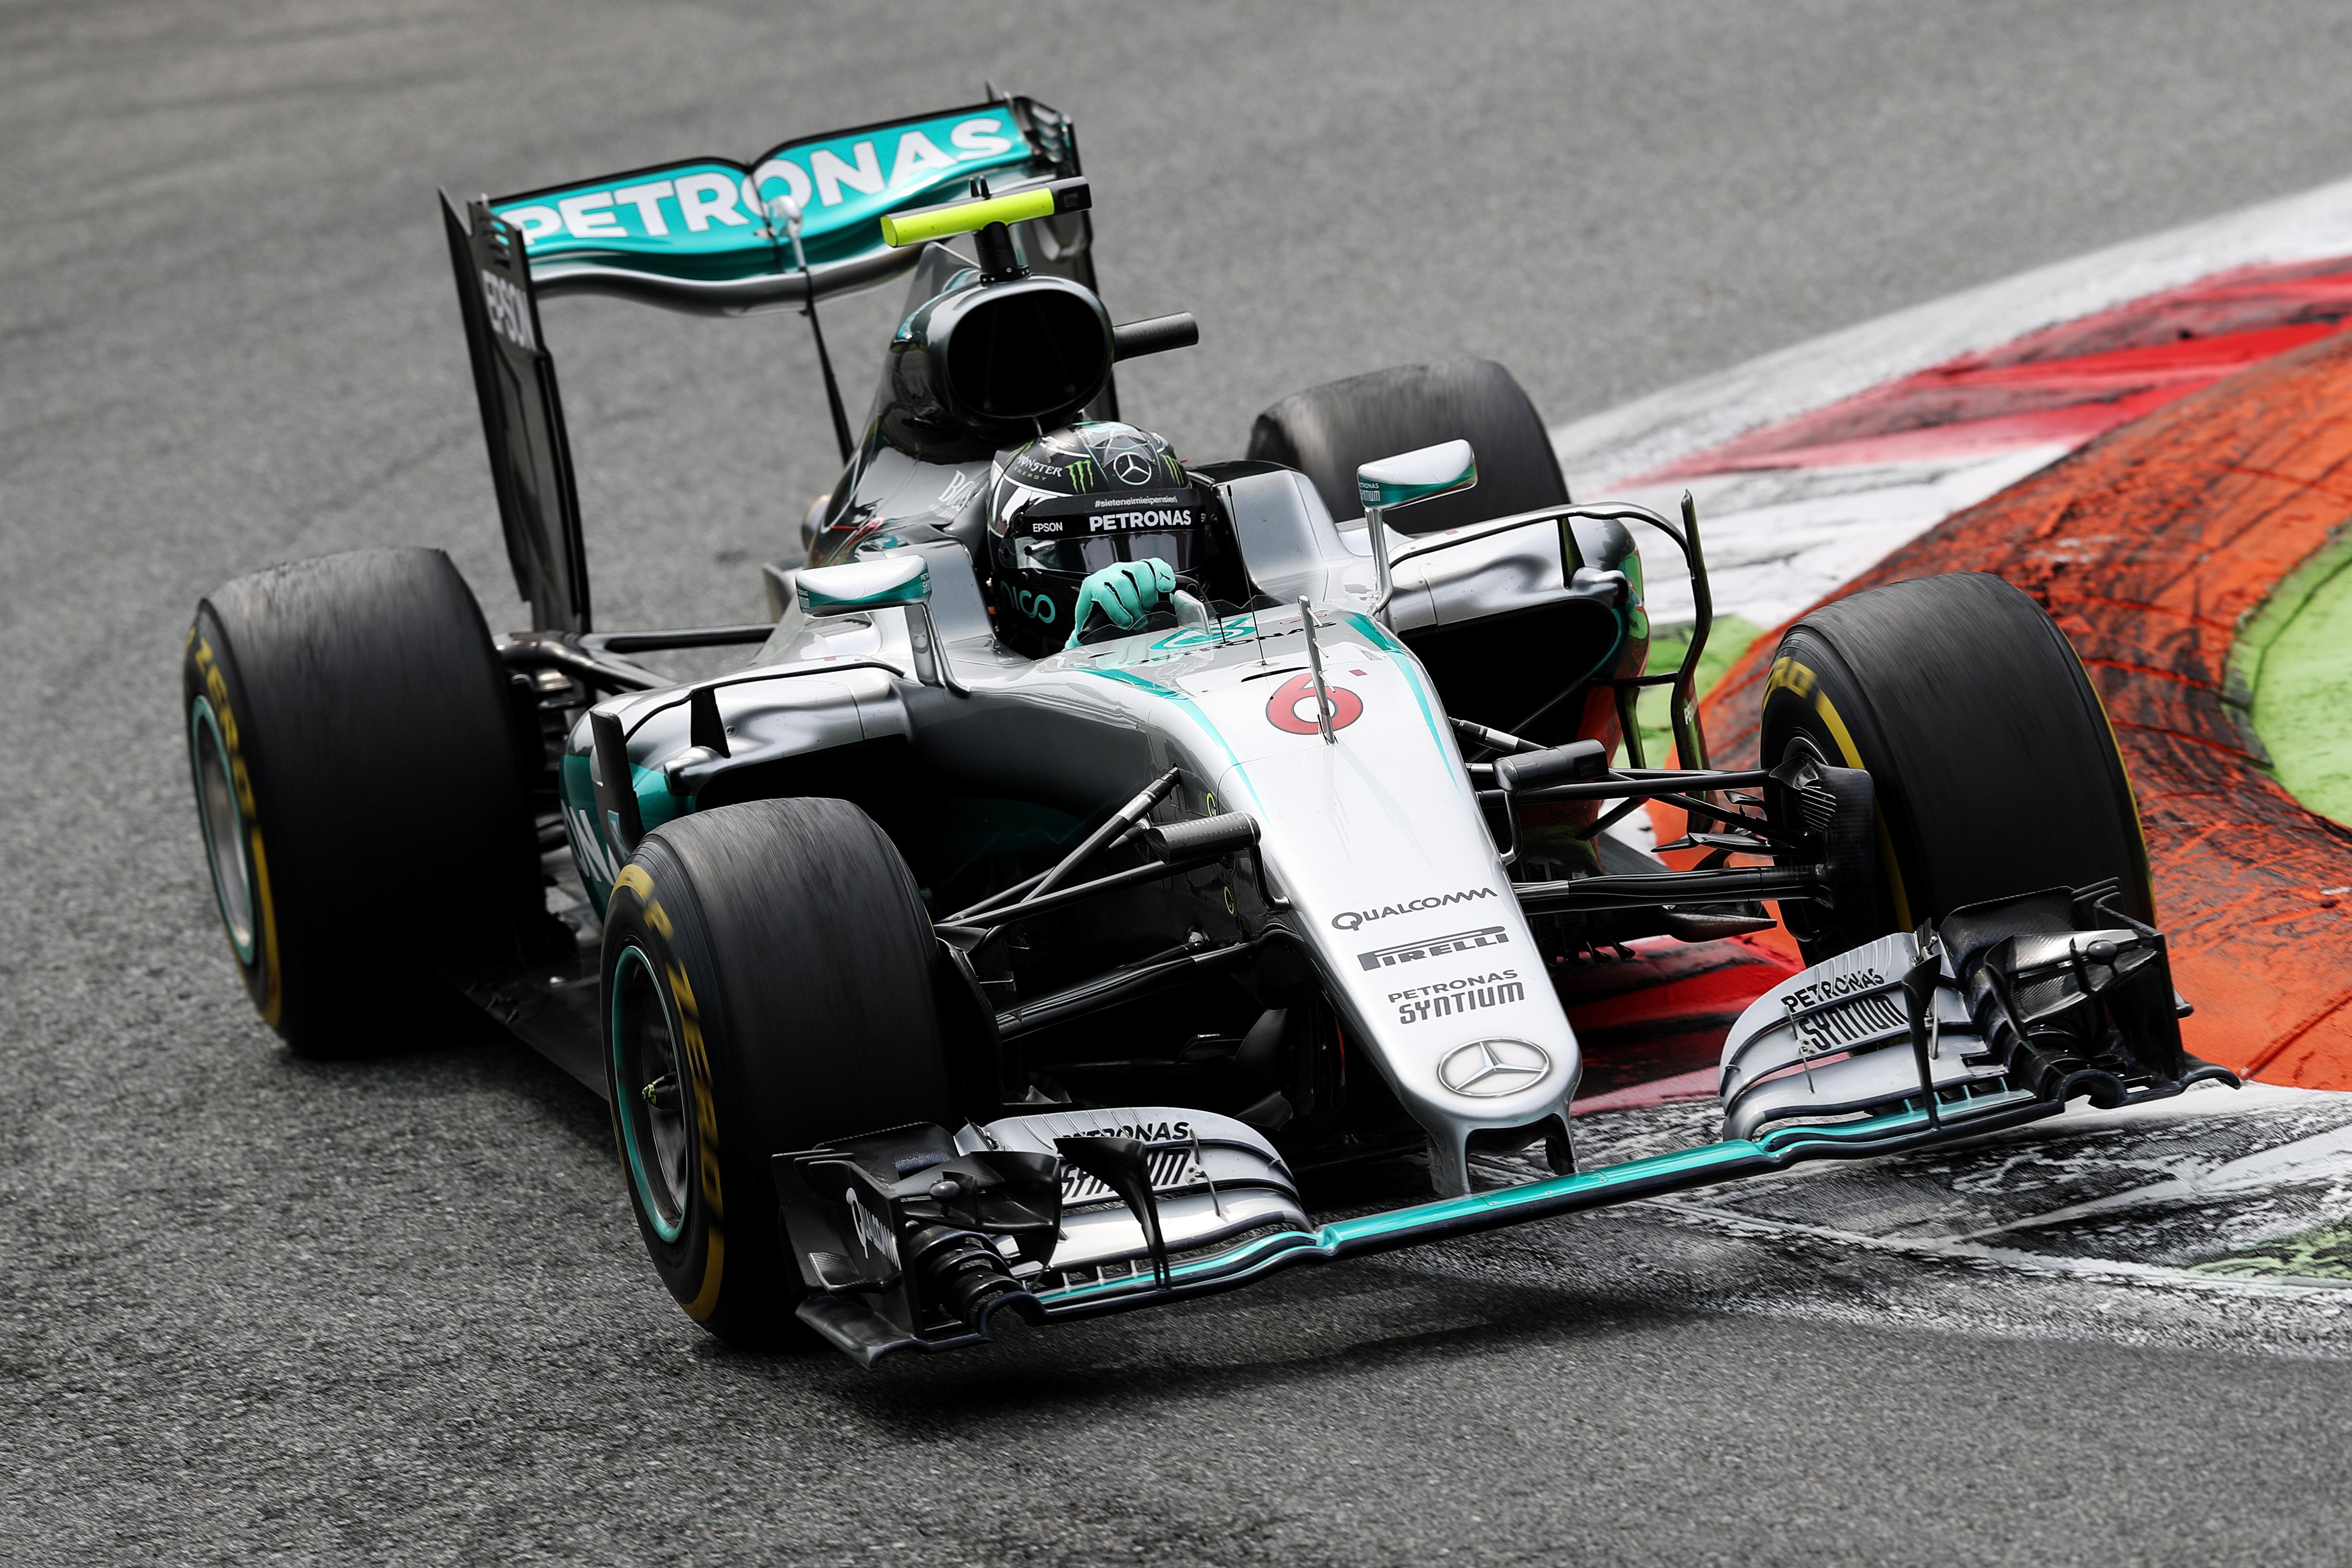 Briciole e mal di pancia per la Ferrari La vetta per Rosberg